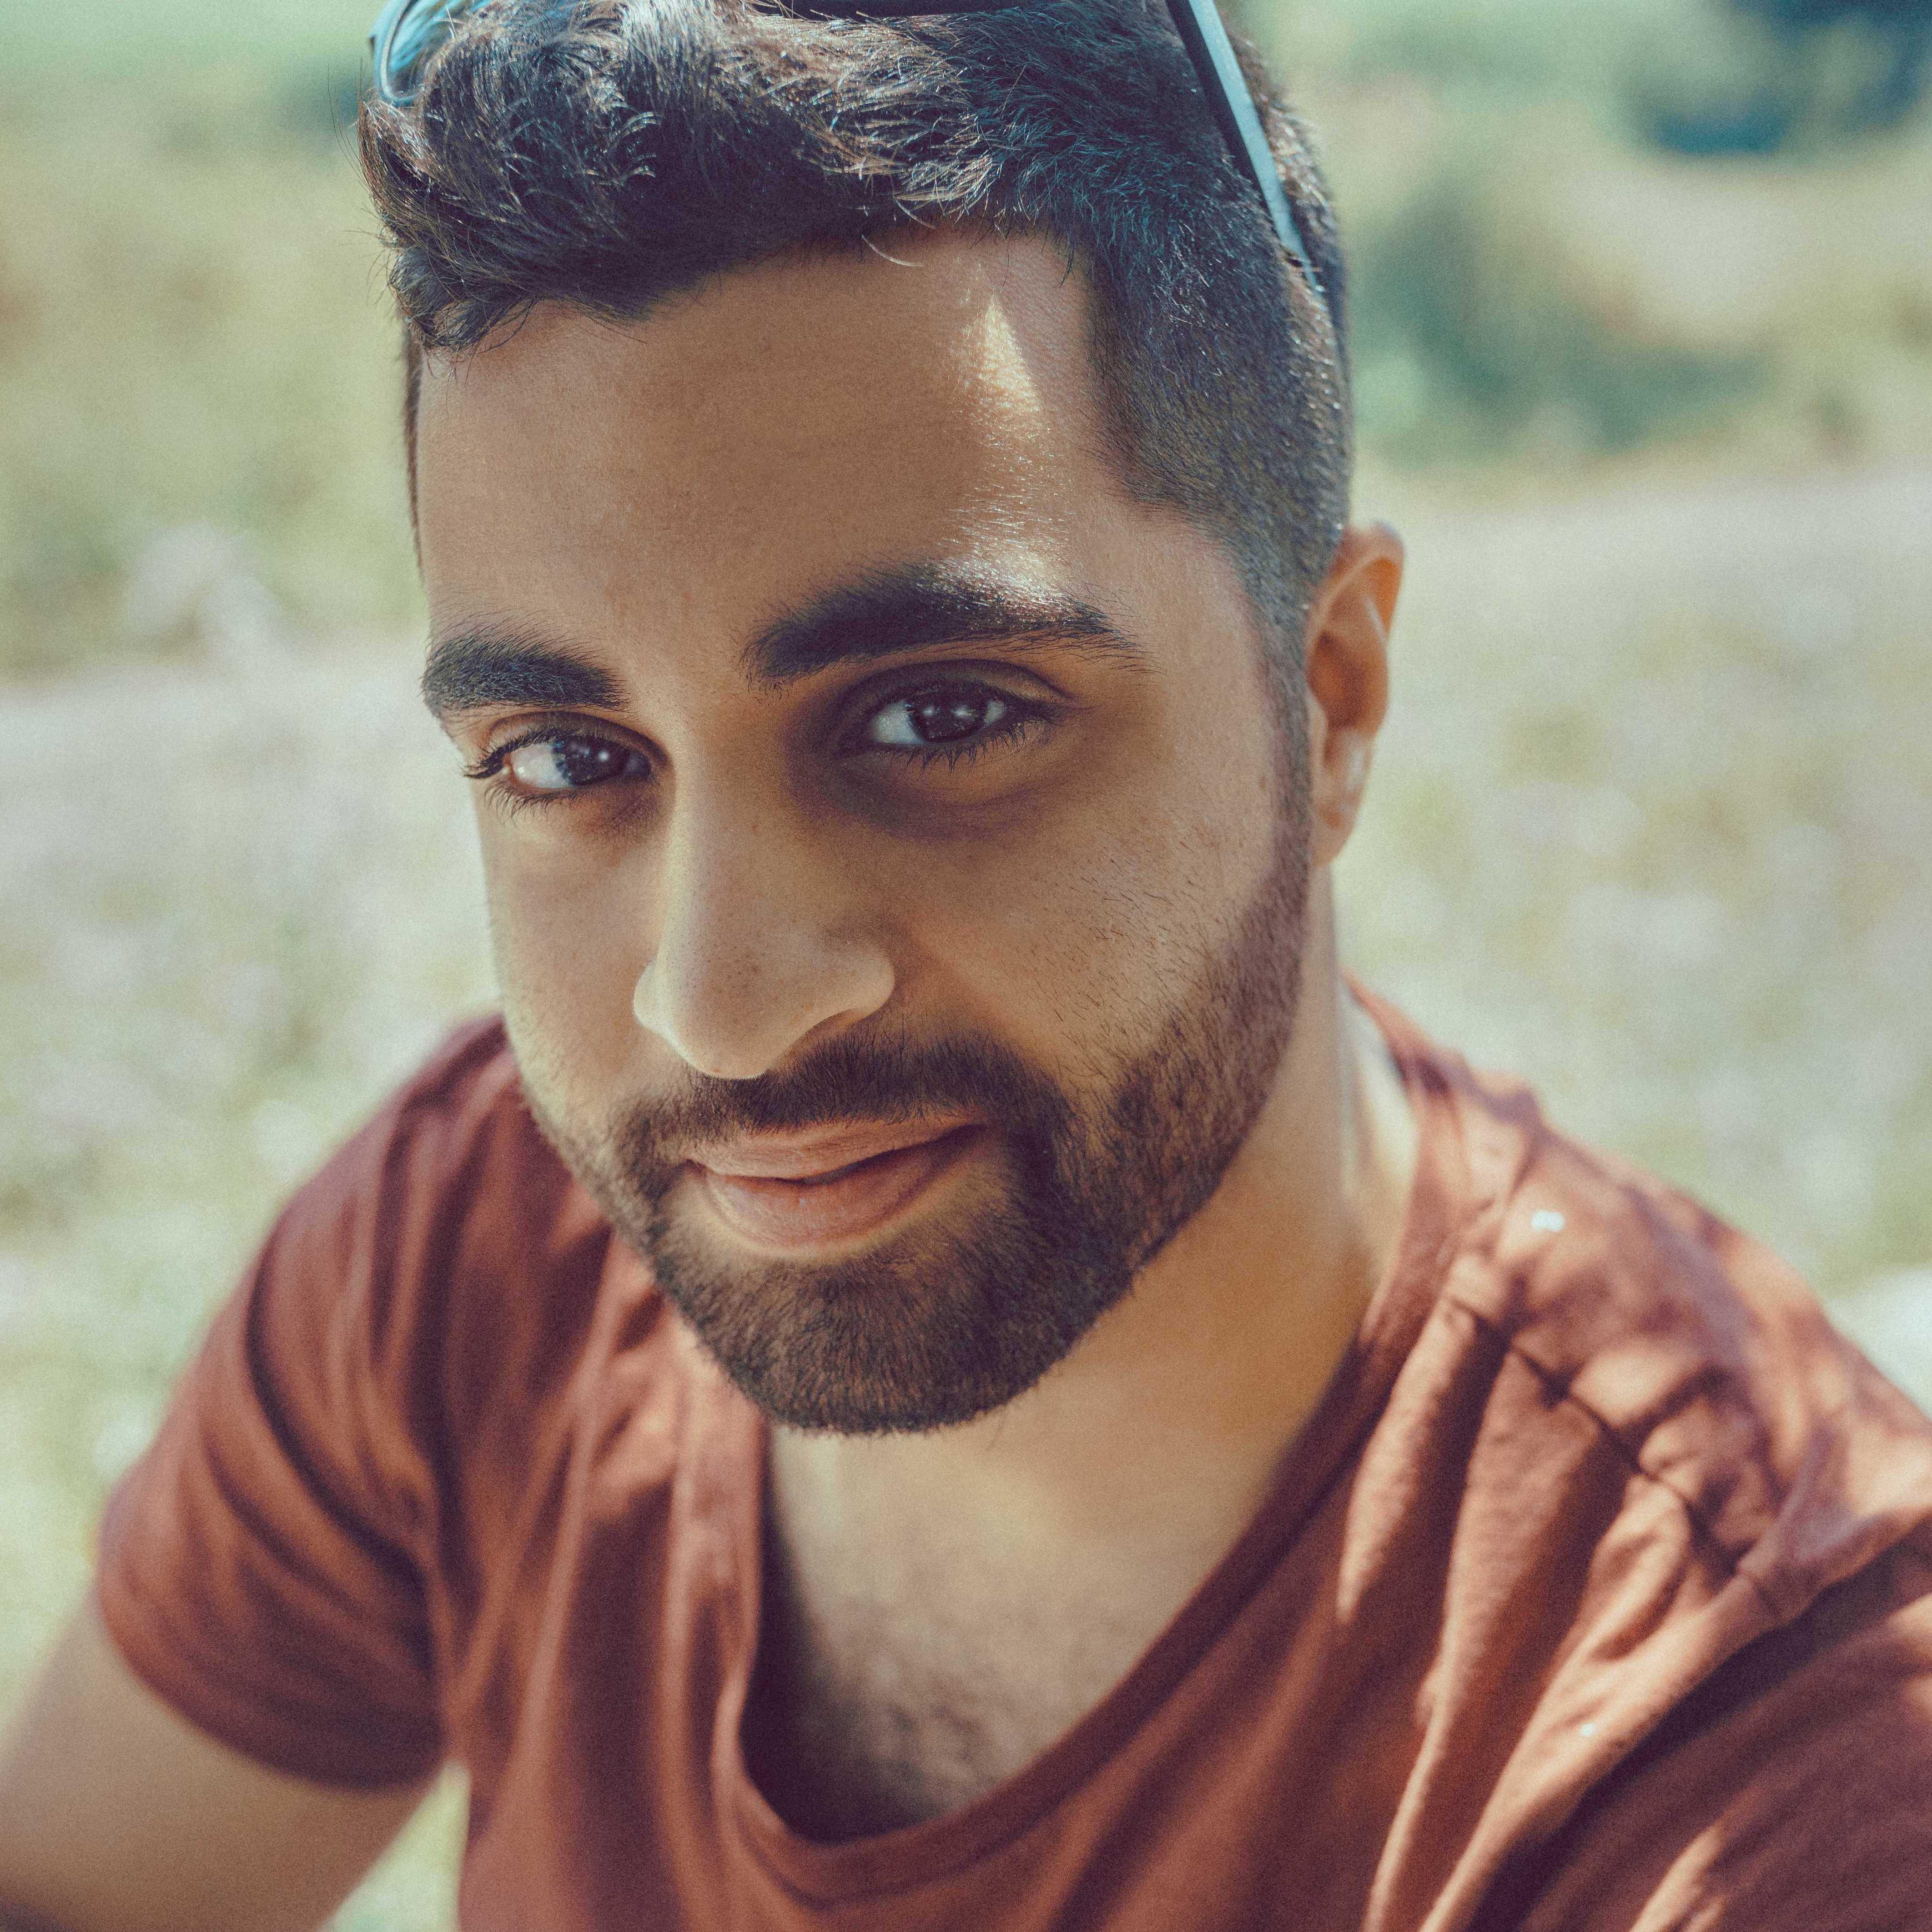 Shalev Rahamim